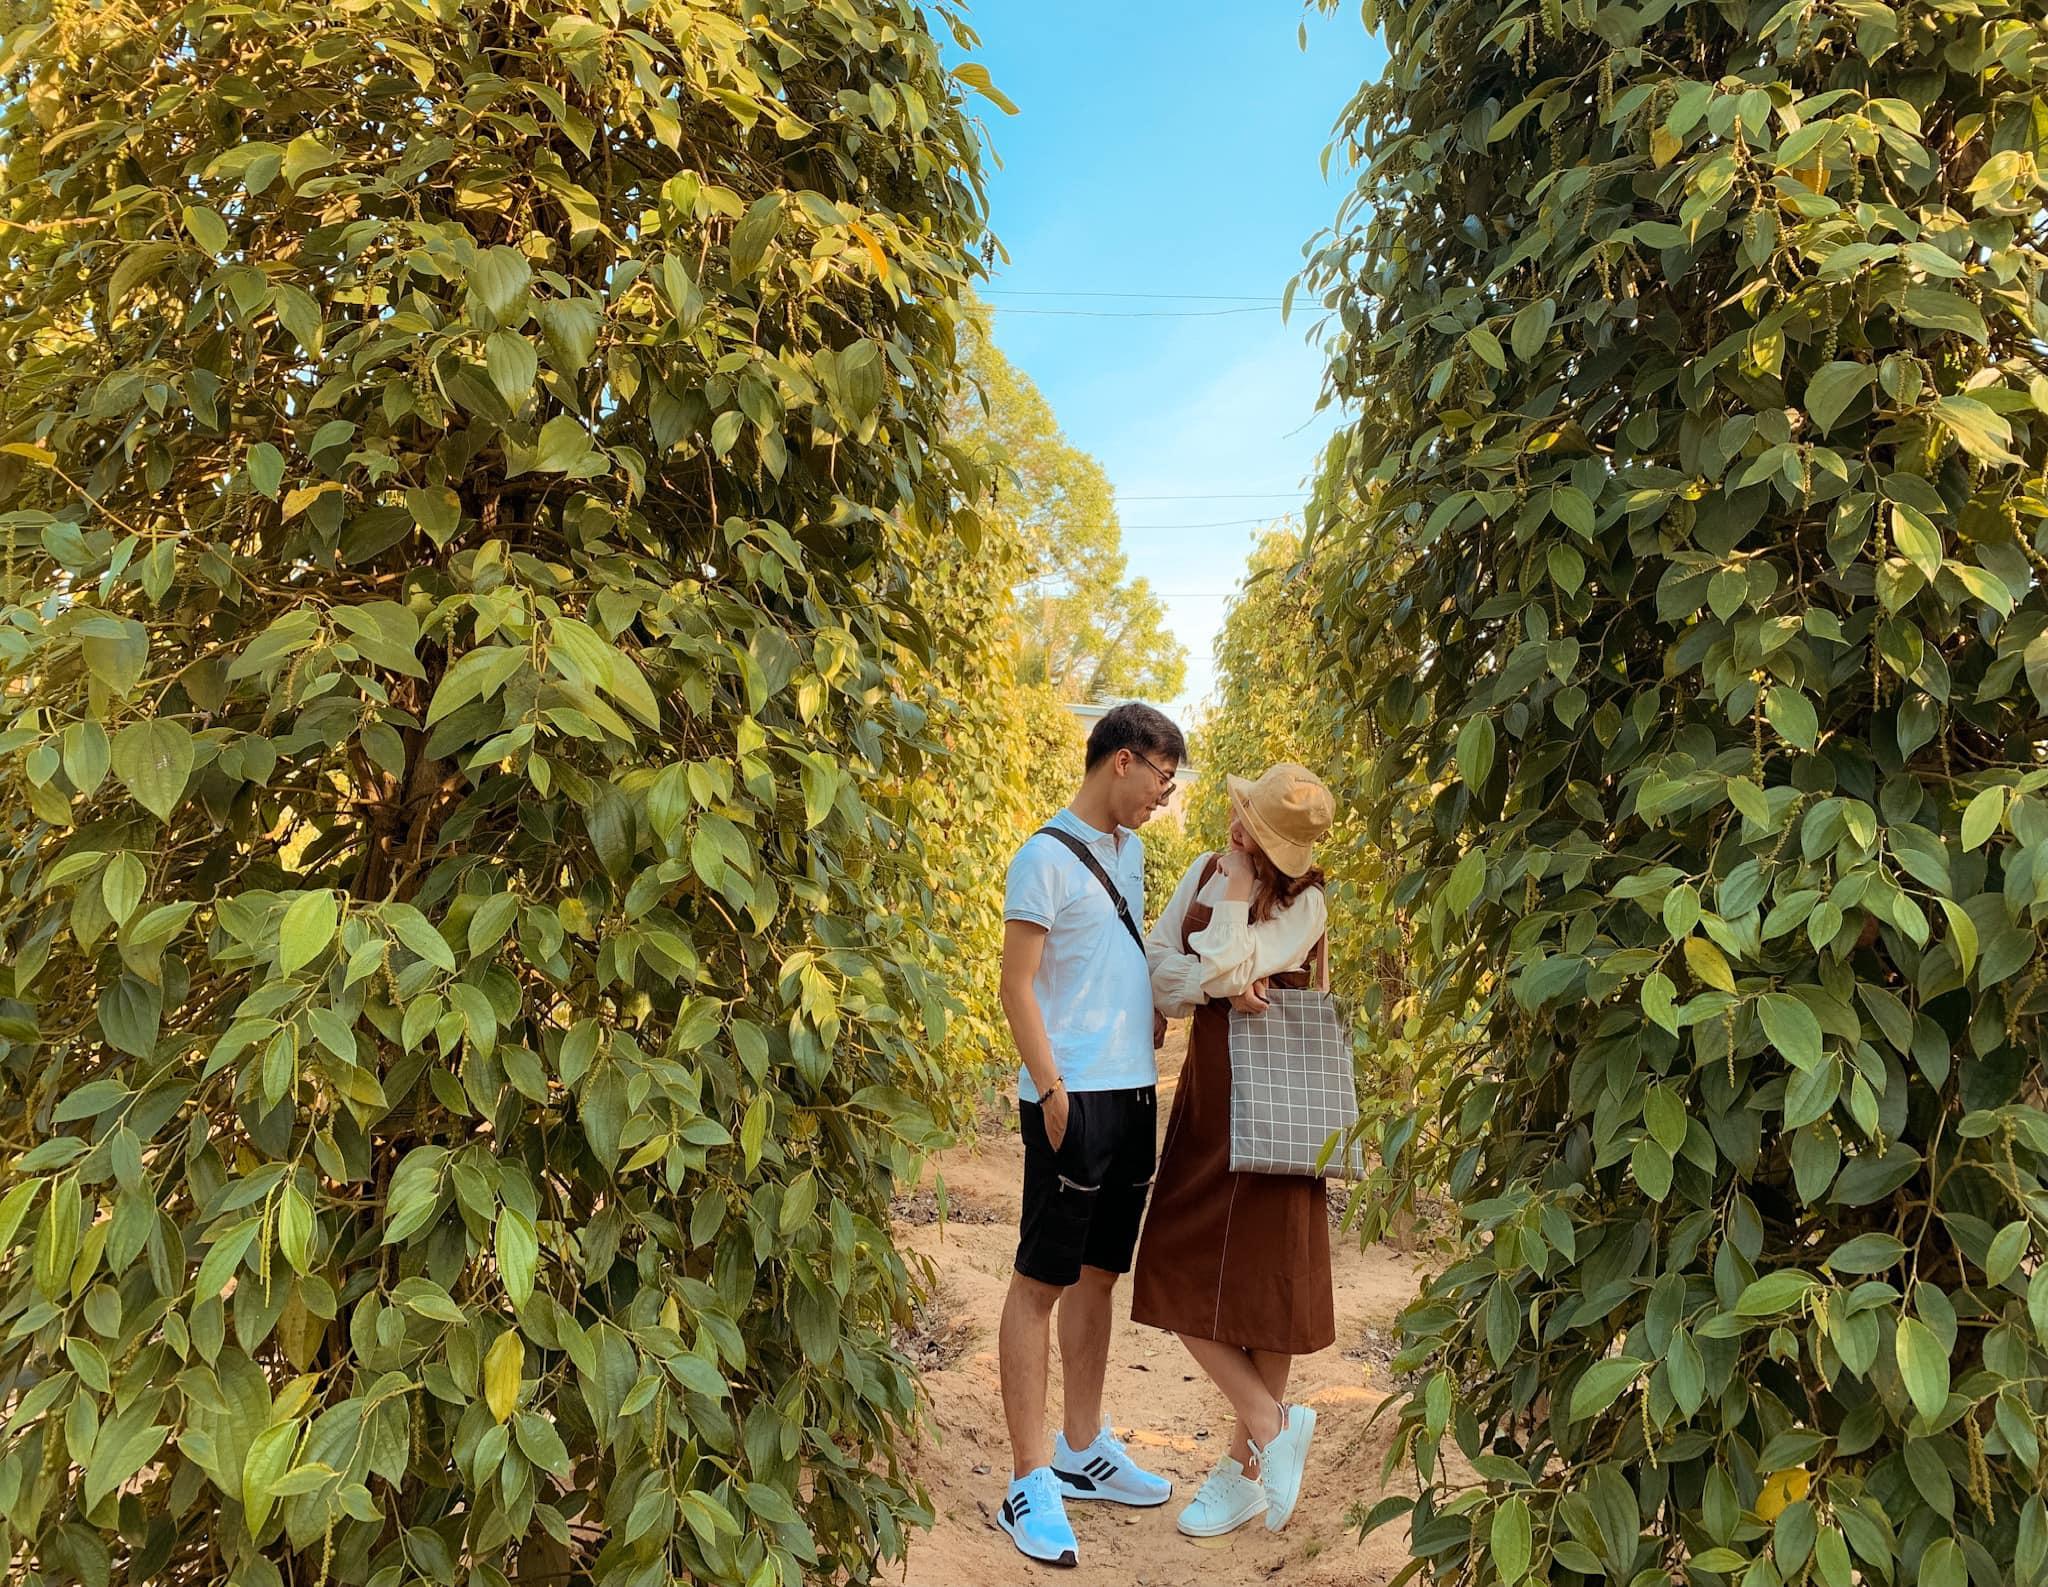 Tour du lịch Phú Quốc khởi hành từ Rạch Giá: Vô vàn ưu đãi trong dịp hè này  - Ảnh 12.